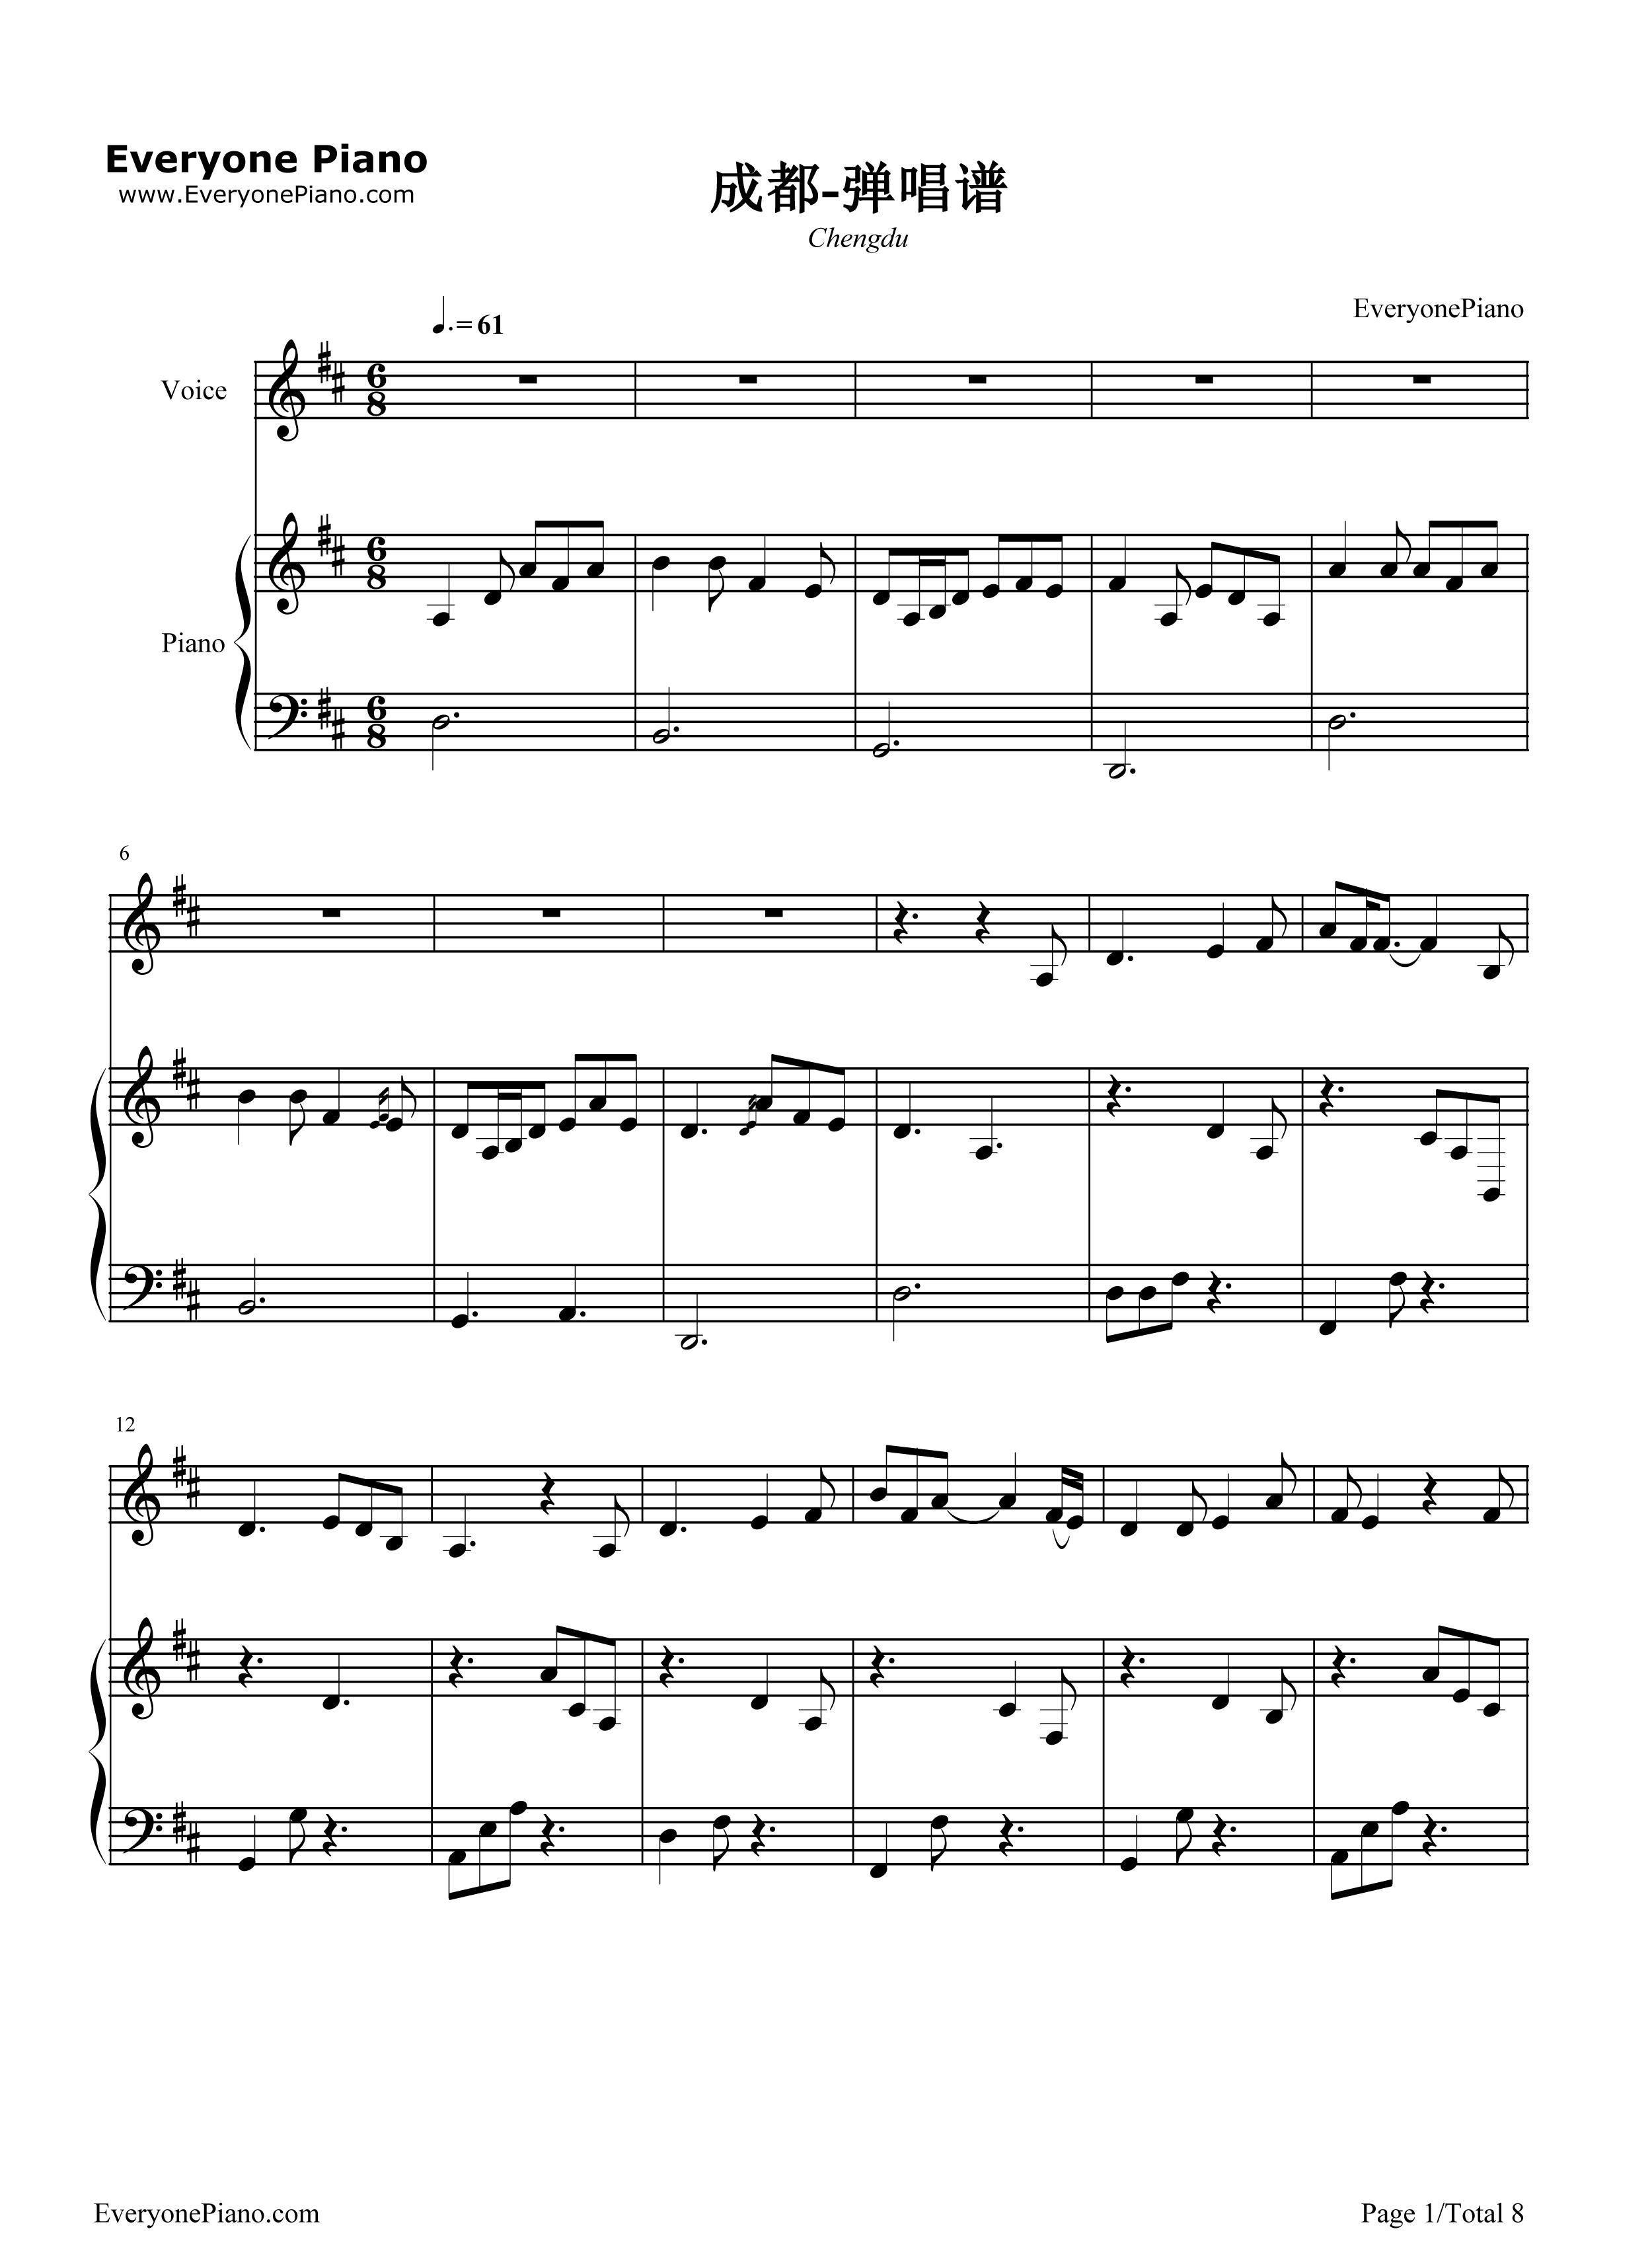 钢琴曲谱 流行 成都-弹唱版 成都-弹唱版五线谱预览1  }  仅供学习